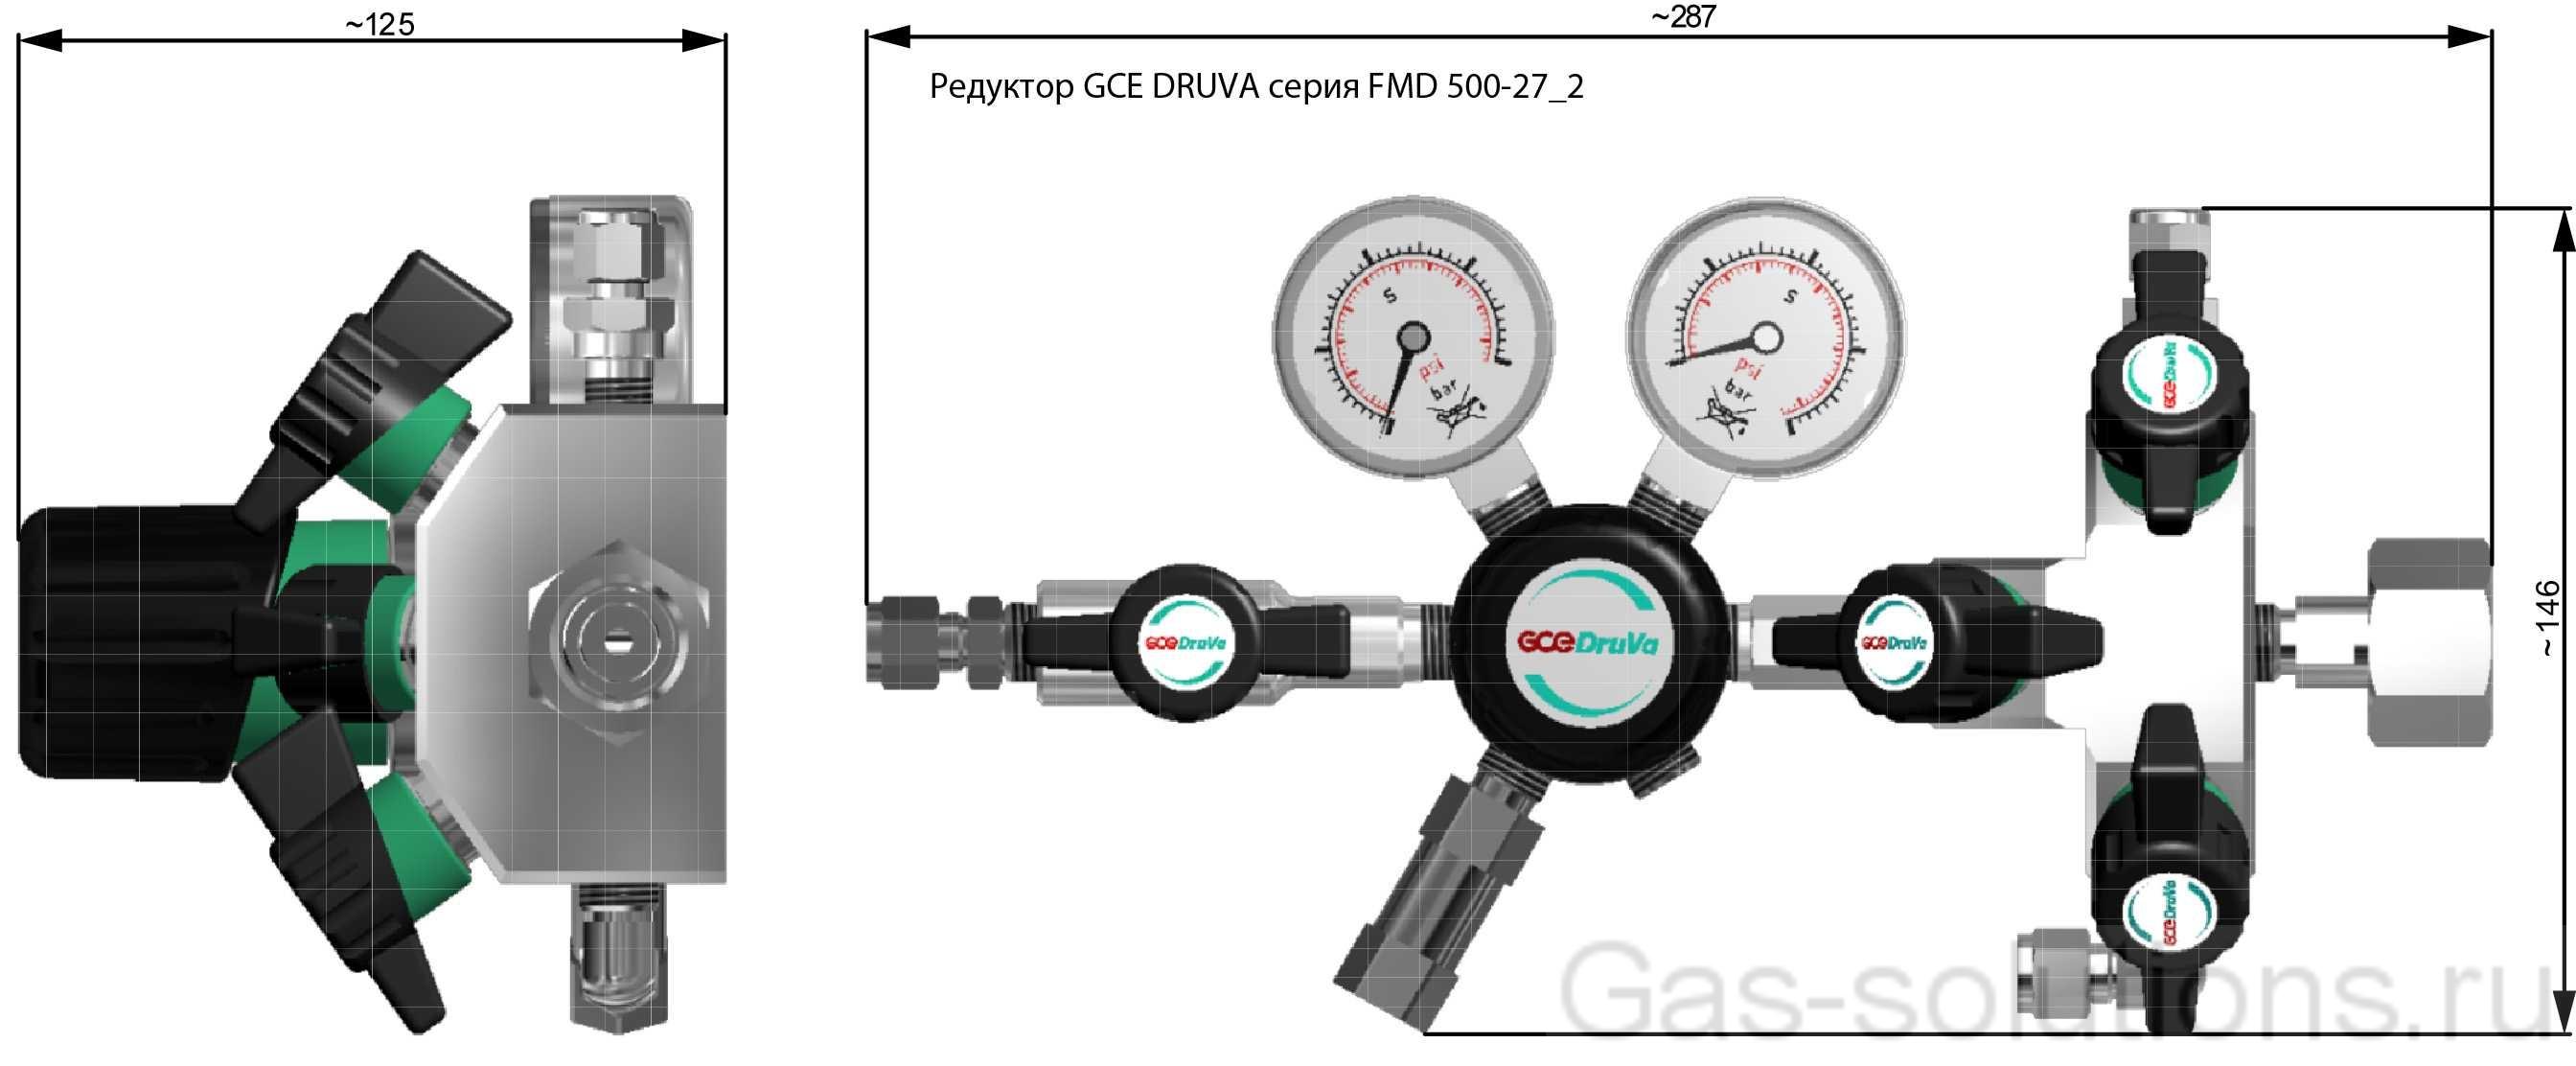 Редуктор GCE DRUVA серия FMD 500-27_2